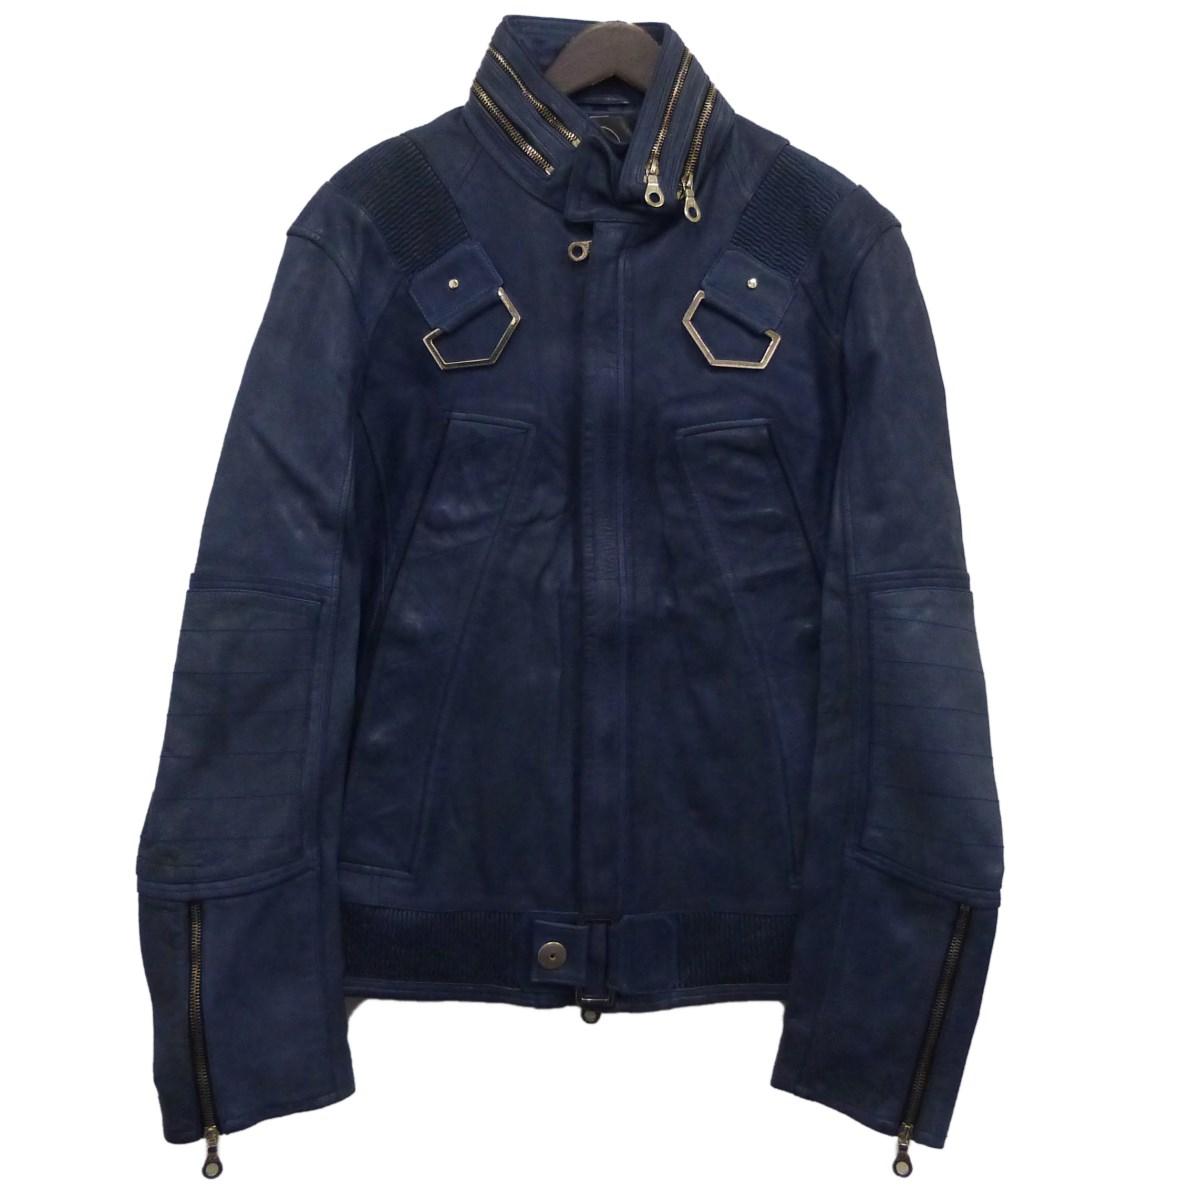 【中古】ANTINOISE レザーデザインジャケット ネイビー サイズ:M 【070420】(アンチノイズ)